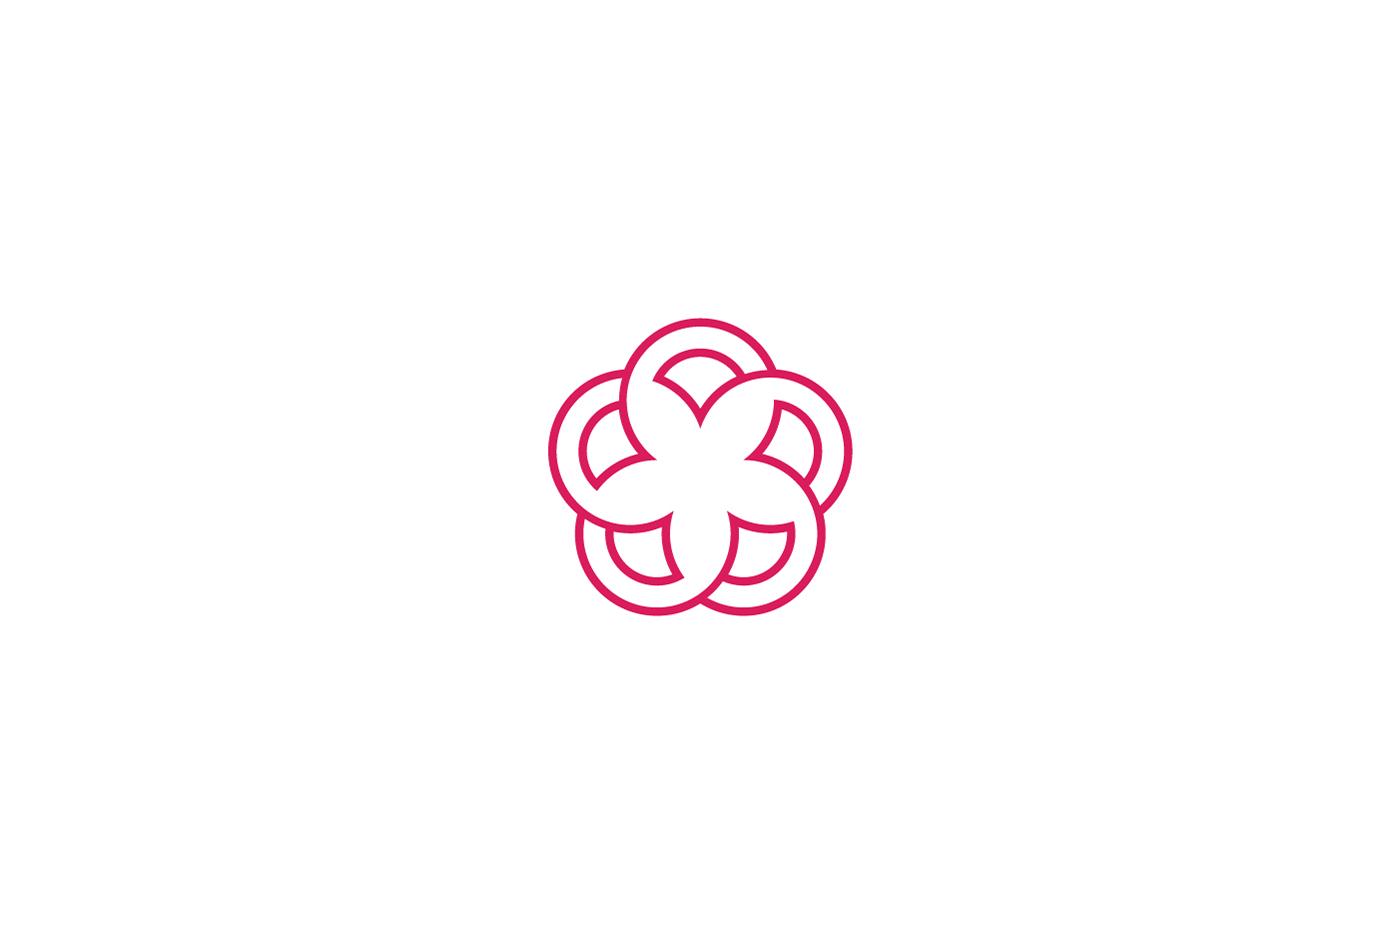 15 концептов минималистических логотипов